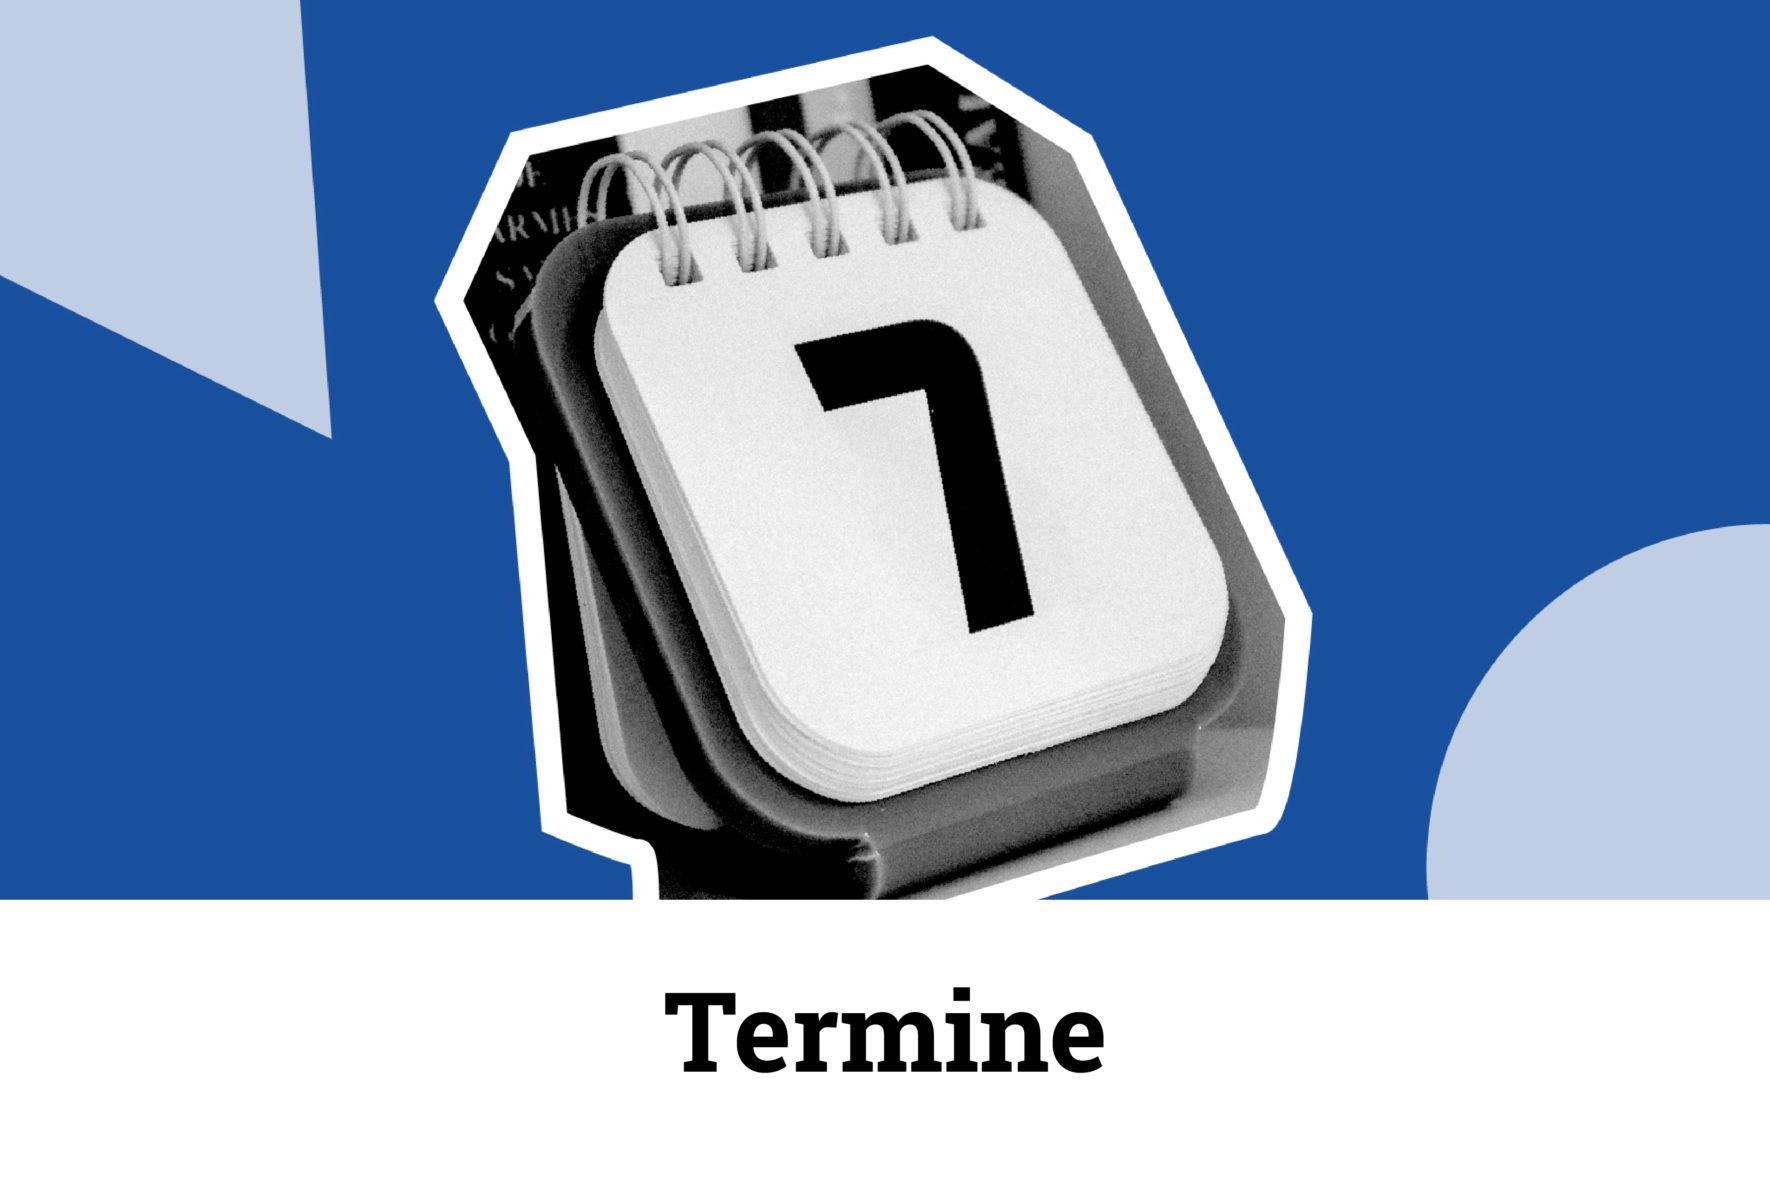 Magnetprodukt-Club-Branding-Logo-Entwicklung-FORMLOS-Berlin-Gestaltung-Design-Forenbilder-BildspracheTermine